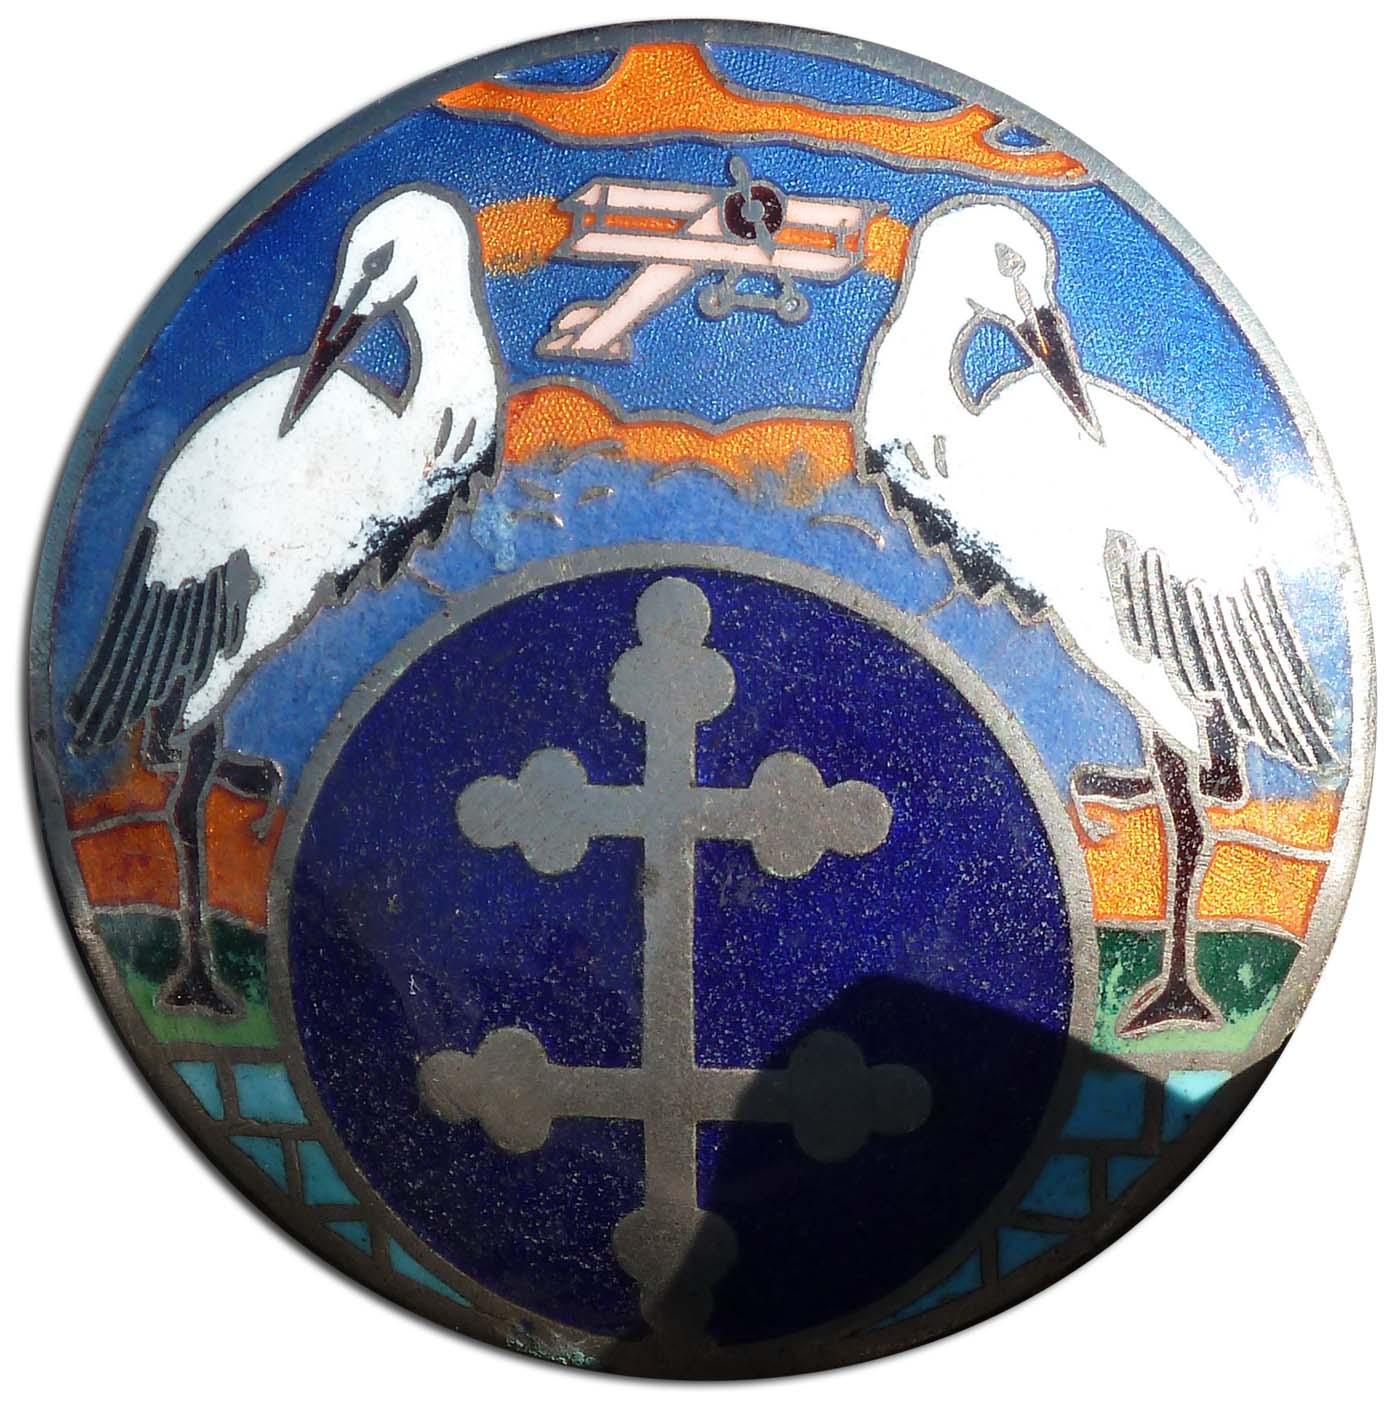 1925. Lorraine-Dietrich (grill emblem)